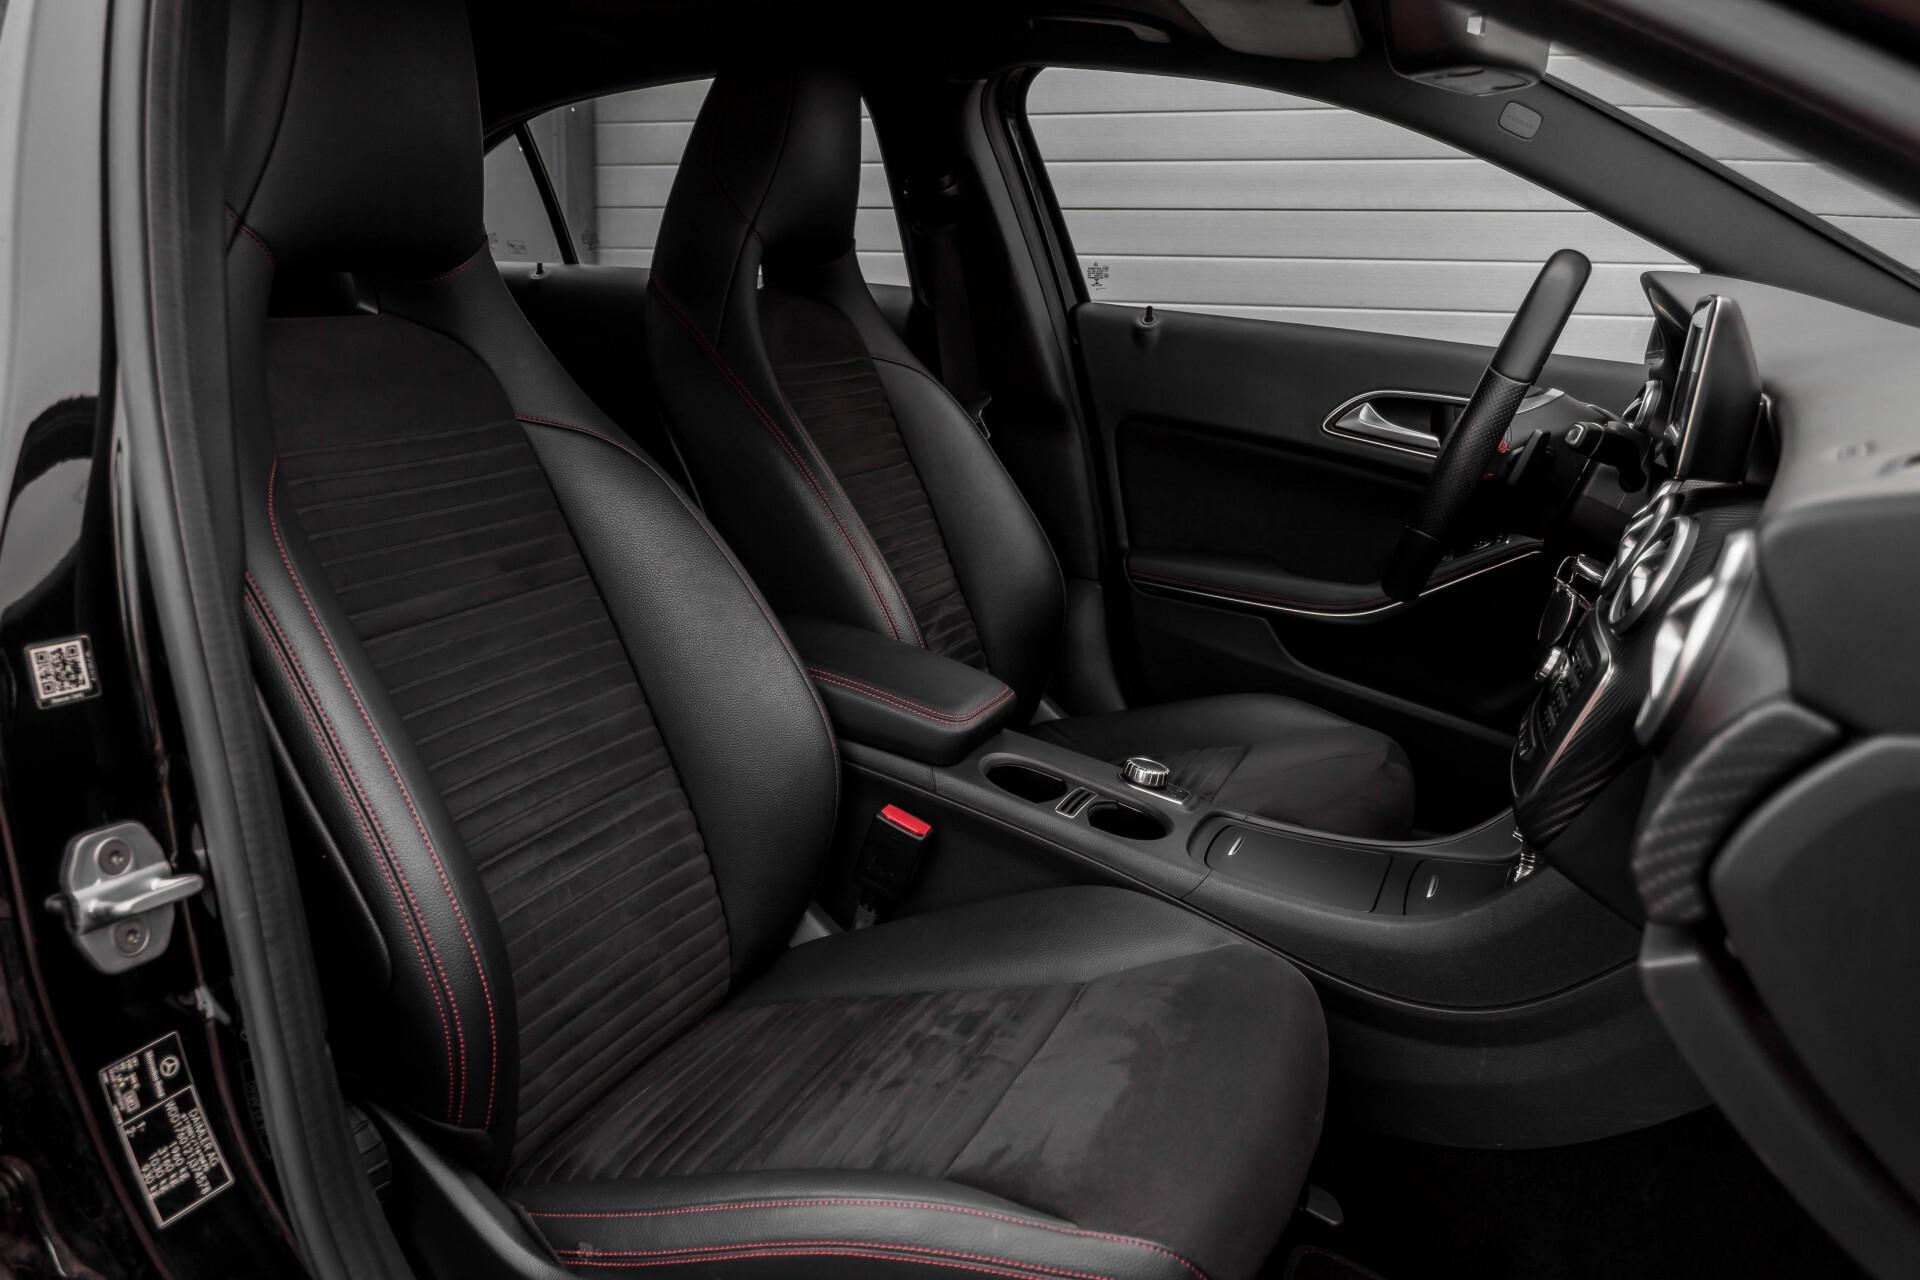 Mercedes-Benz A-Klasse 180 Cdi AMG Panorama Bi-xenon/Navi/PTS Aut7 Foto 3